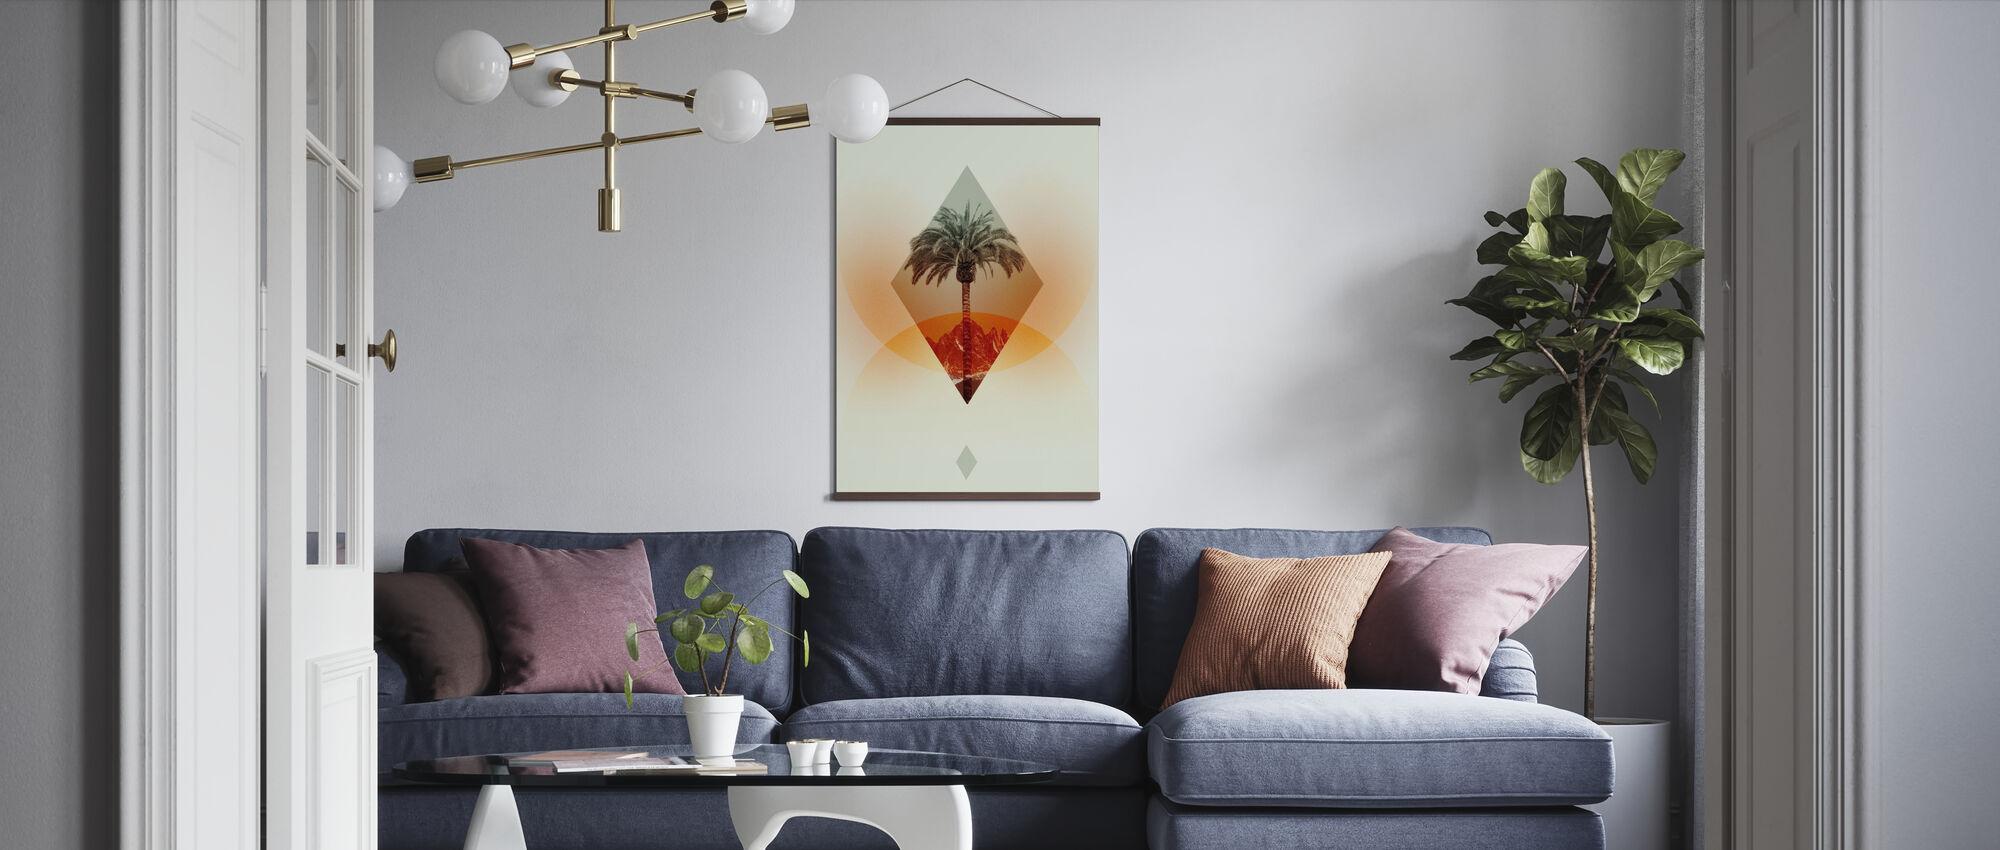 Handfläche - Poster - Wohnzimmer